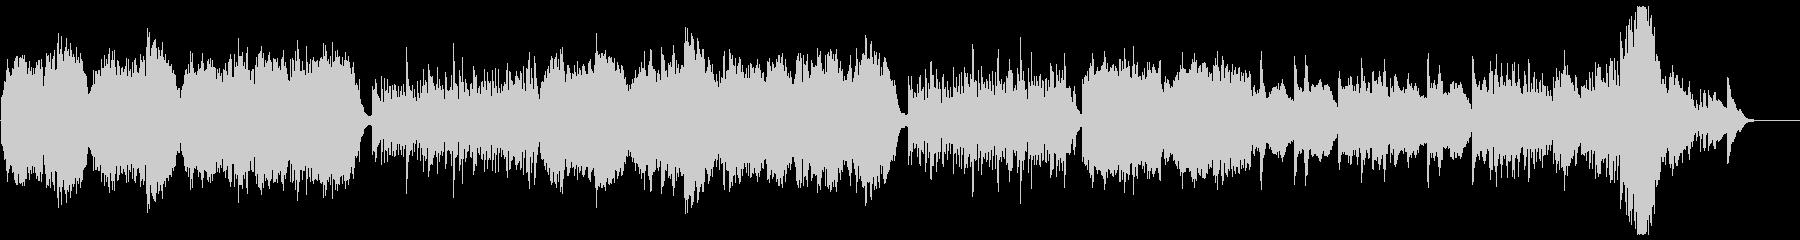 奇妙で暗いクラシック曲 『水族館』の未再生の波形